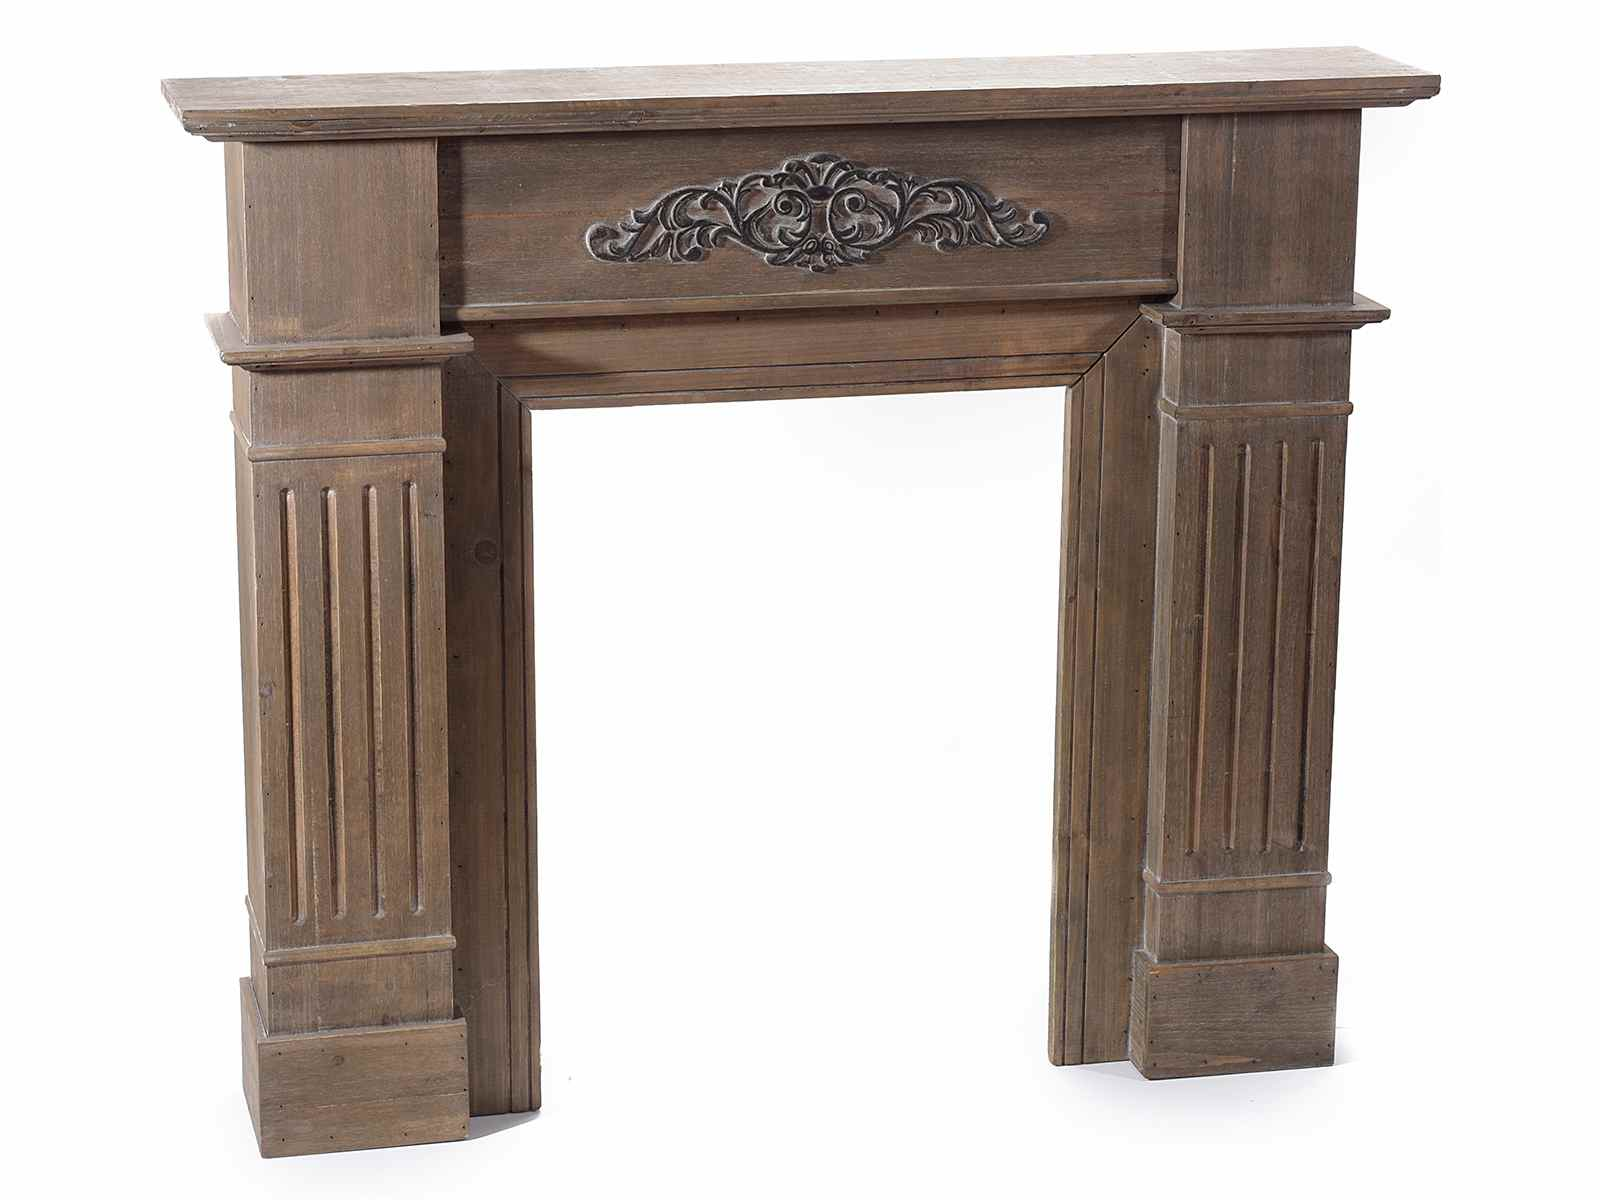 Legno Decorativo Per Camino caminetto frontale decorativo in legno naturale con rilievo